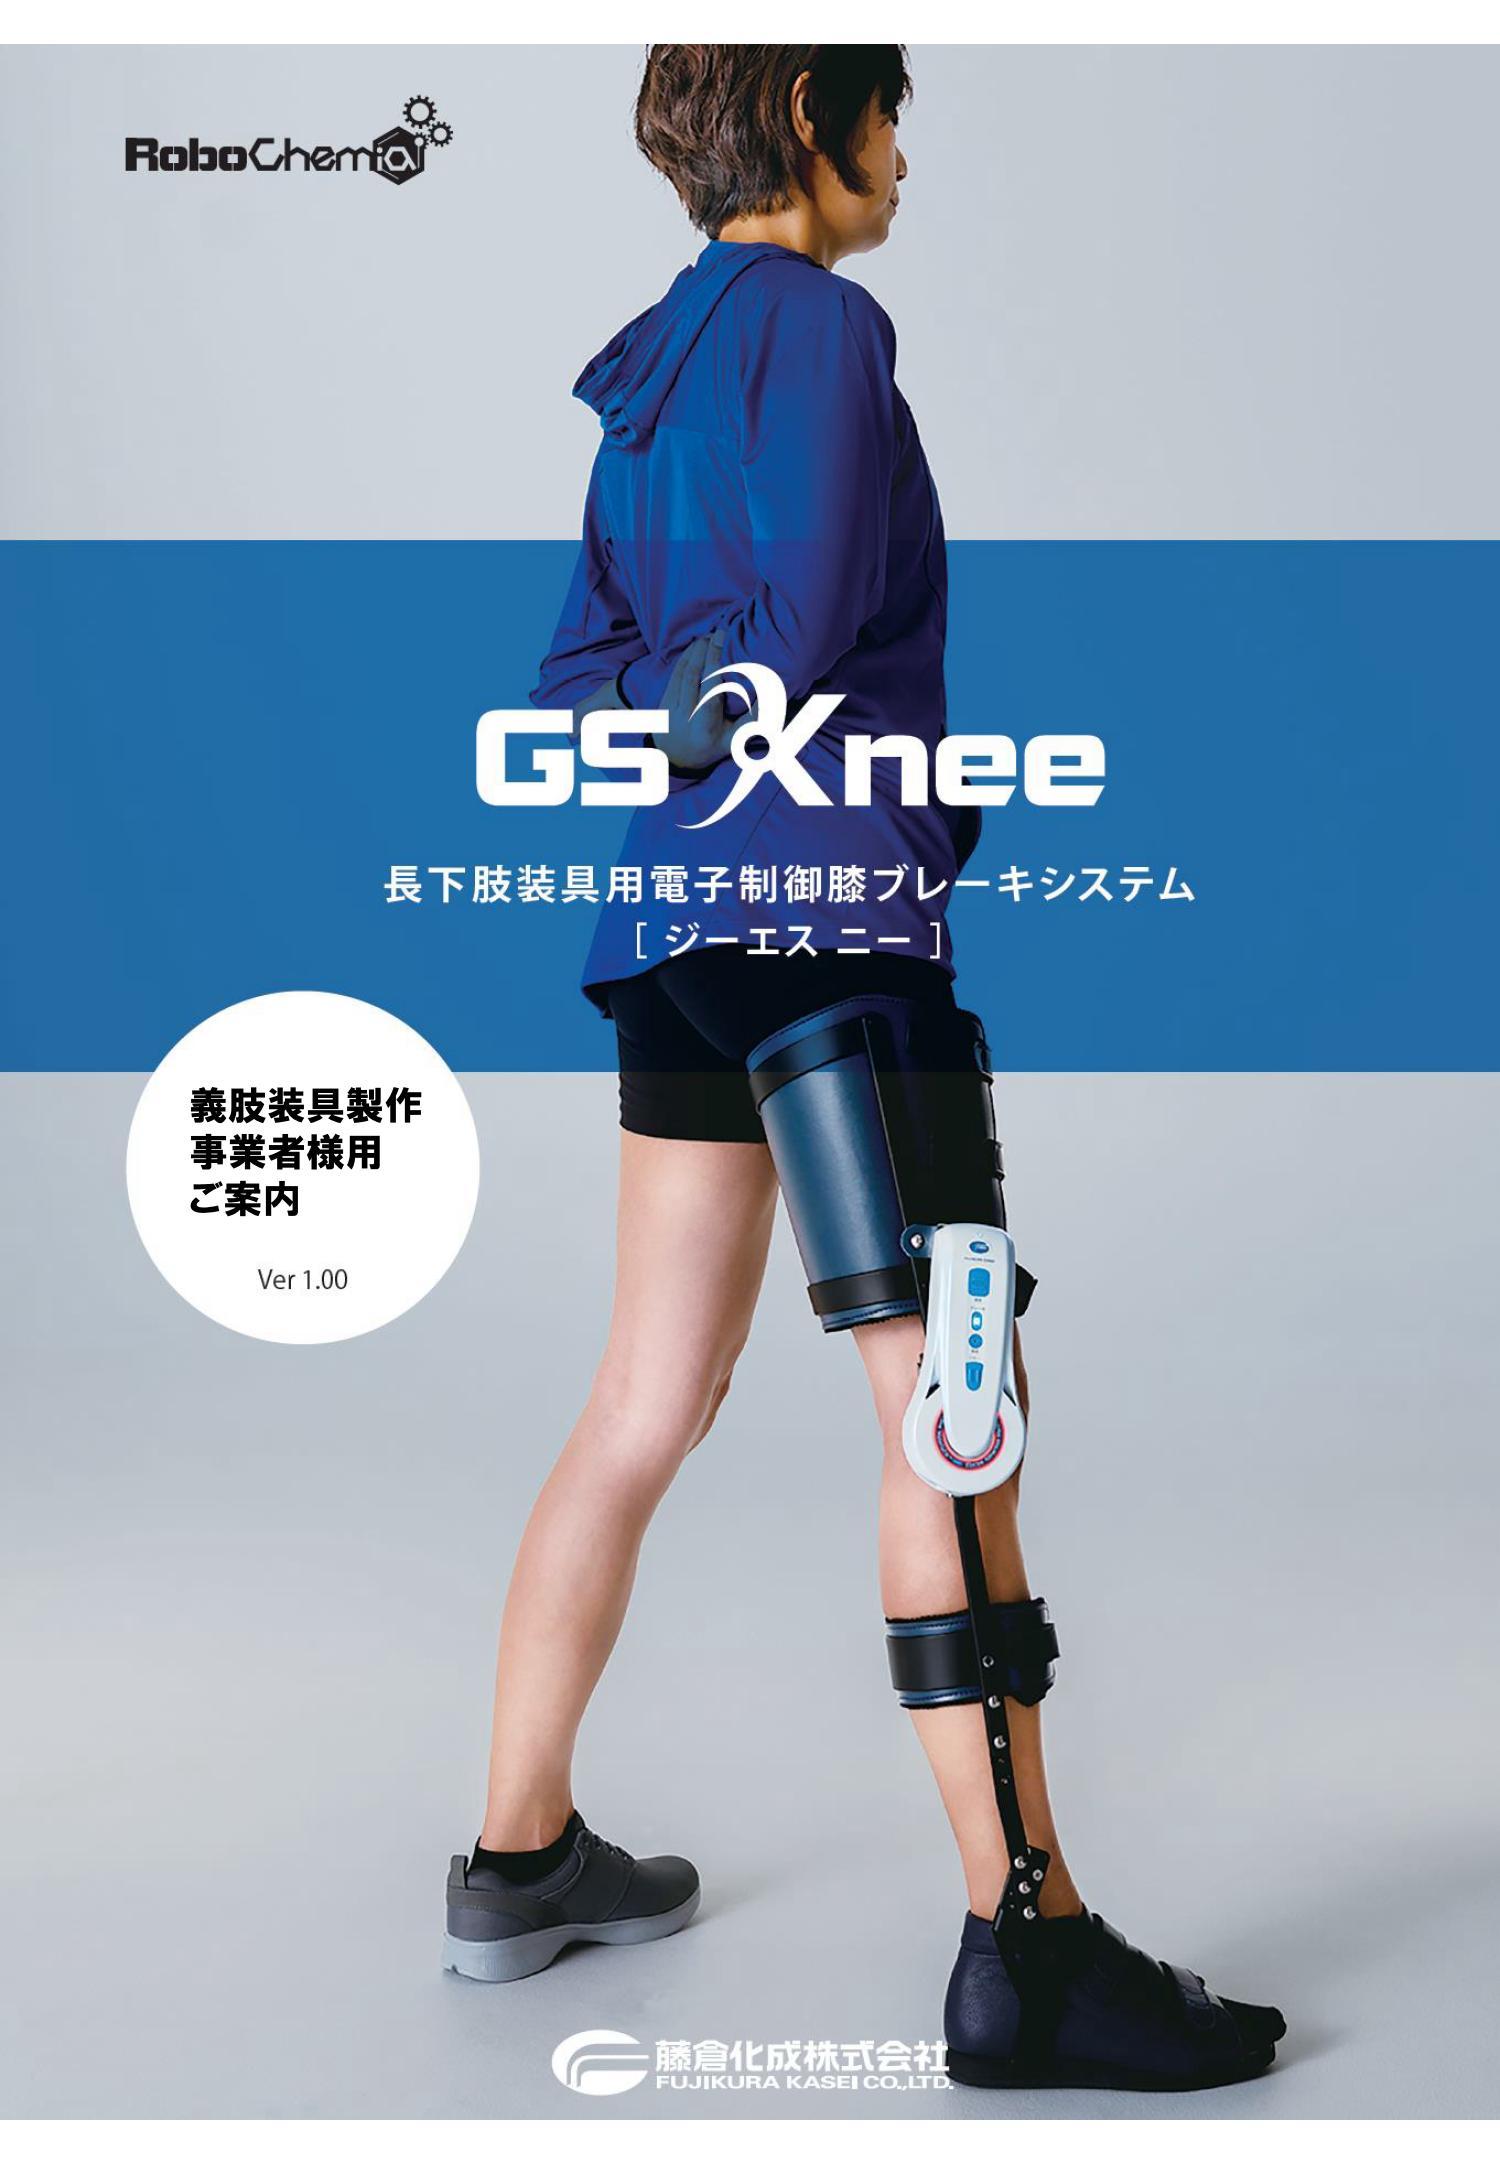 GS Knee®を取り付け可能な装具製作要項